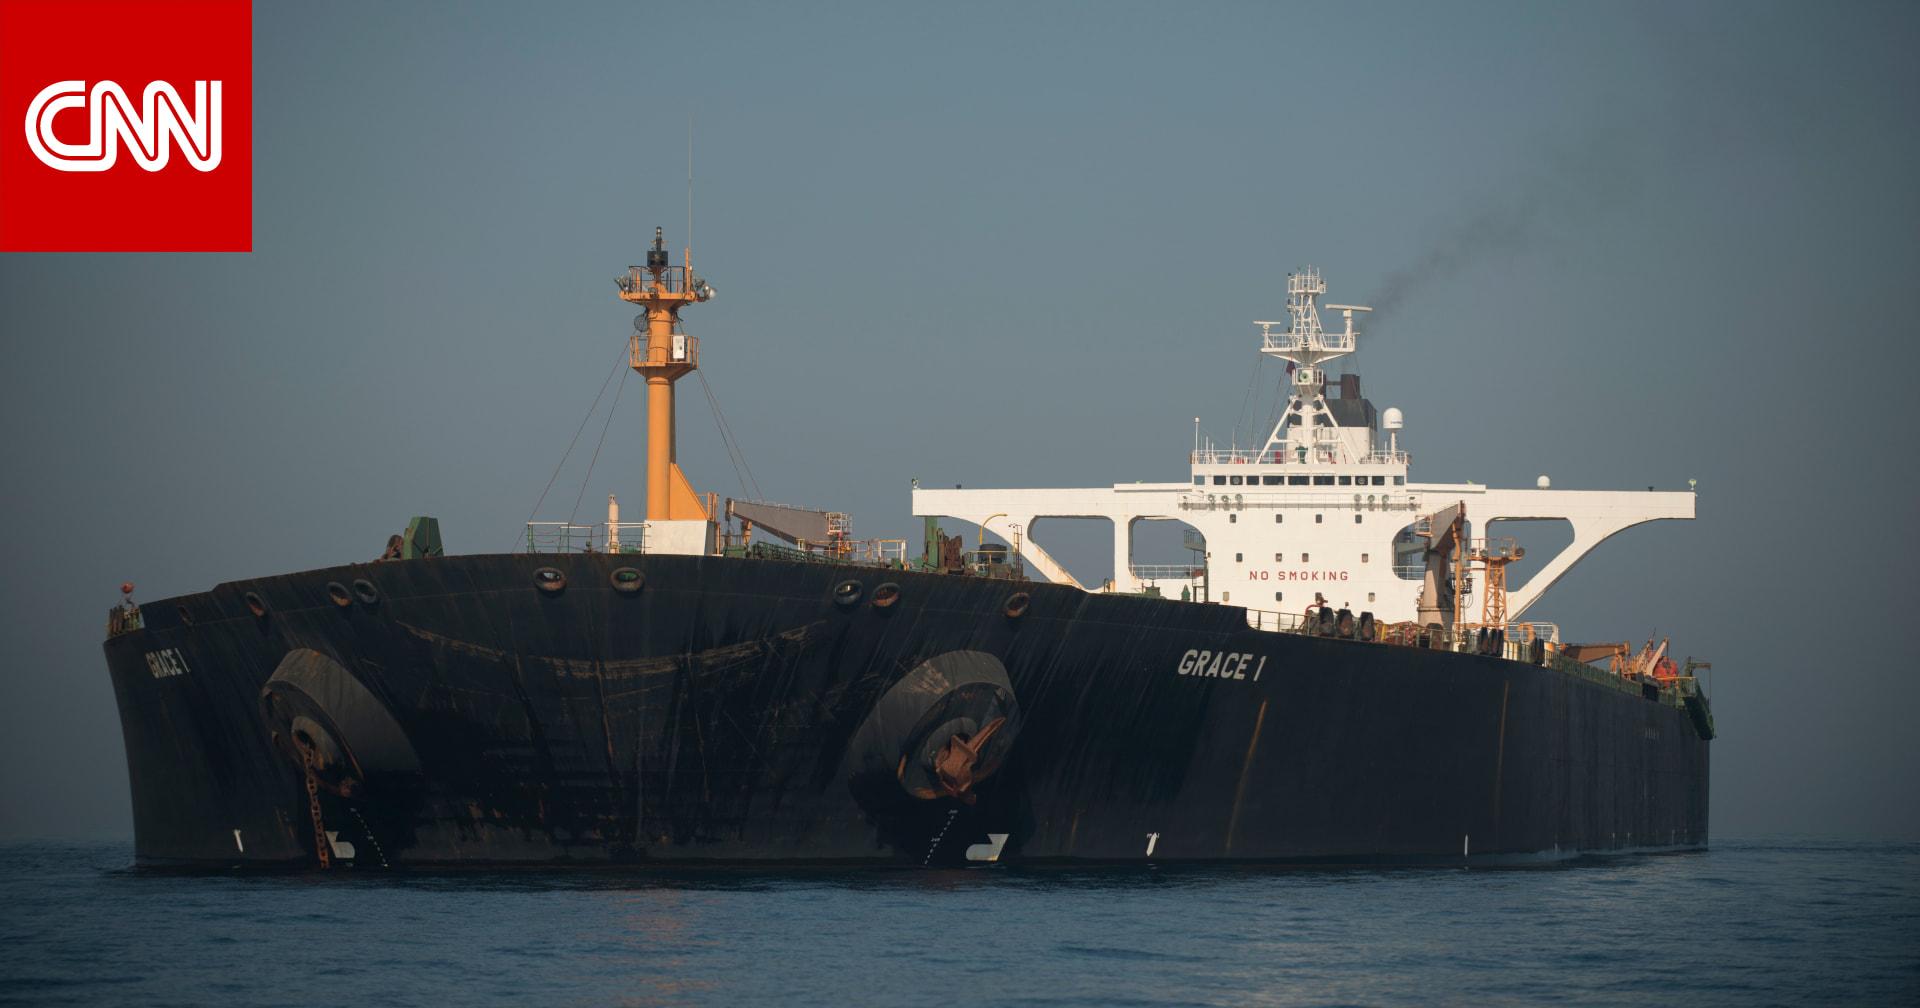 """بعد أيام من انفجار سفينة إسرائيلية بخليج عُمان.. إيران: """"هجوم إرهابي"""" على سفينة لنا بالبحر المتوسط"""